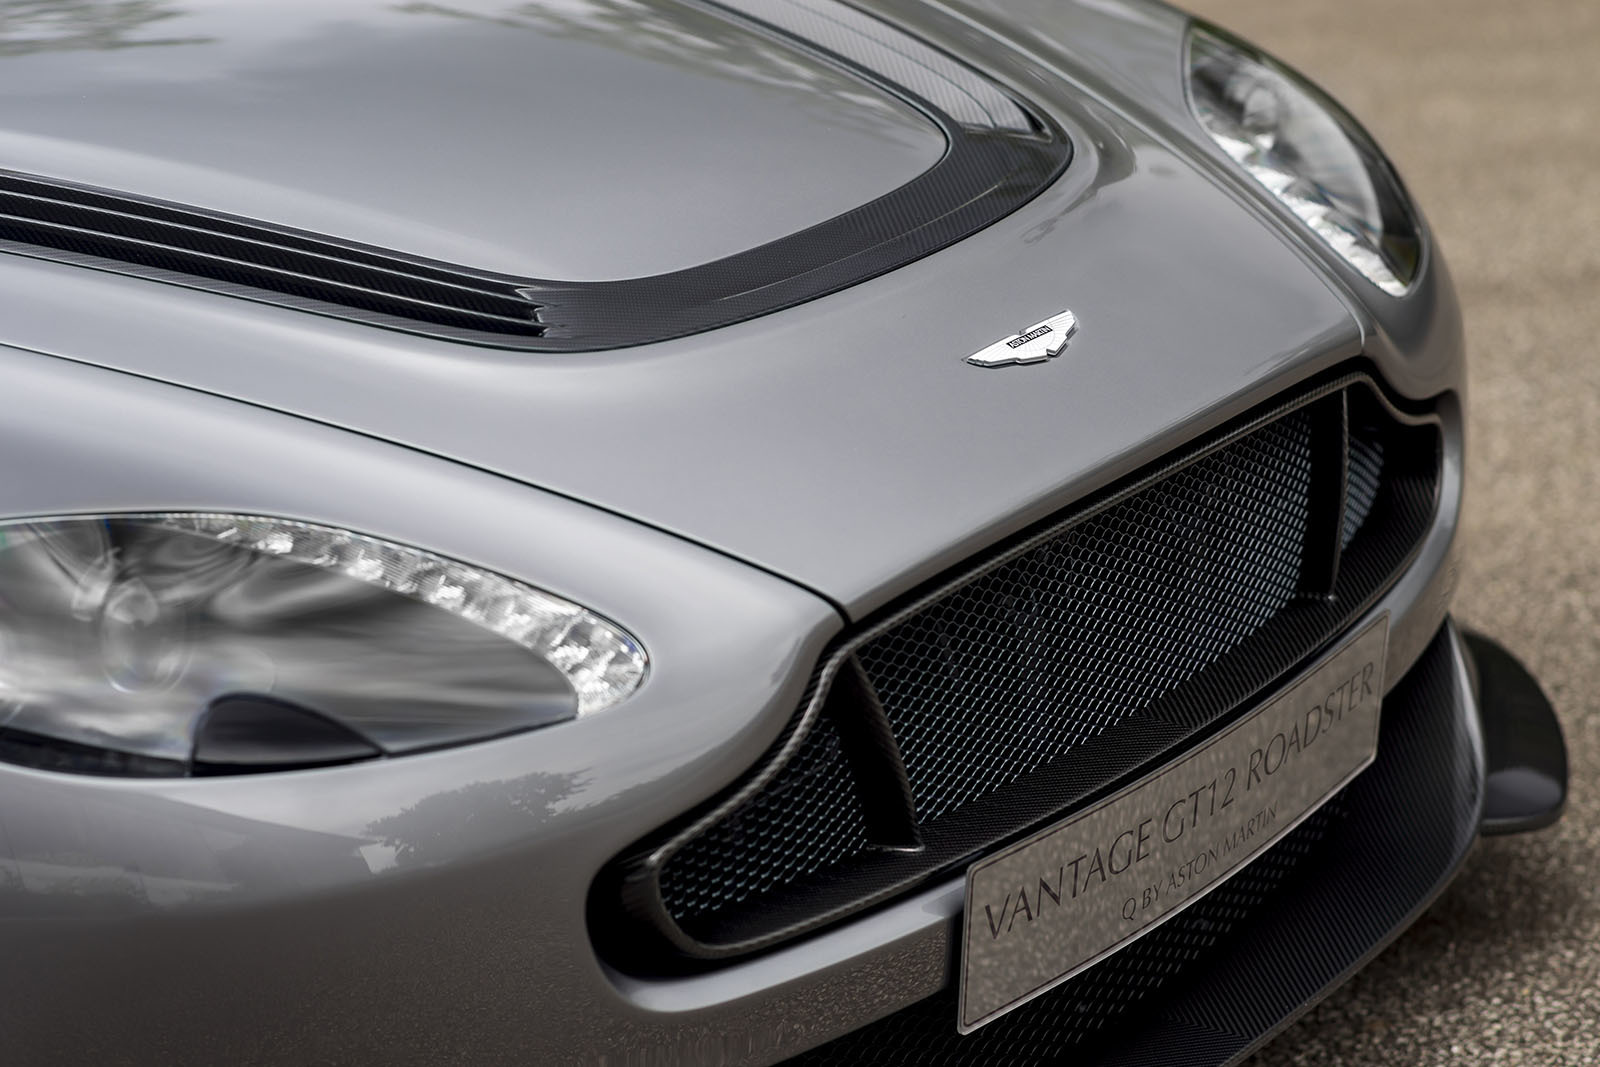 Aston Martin Vantage GT12 Roadster Images